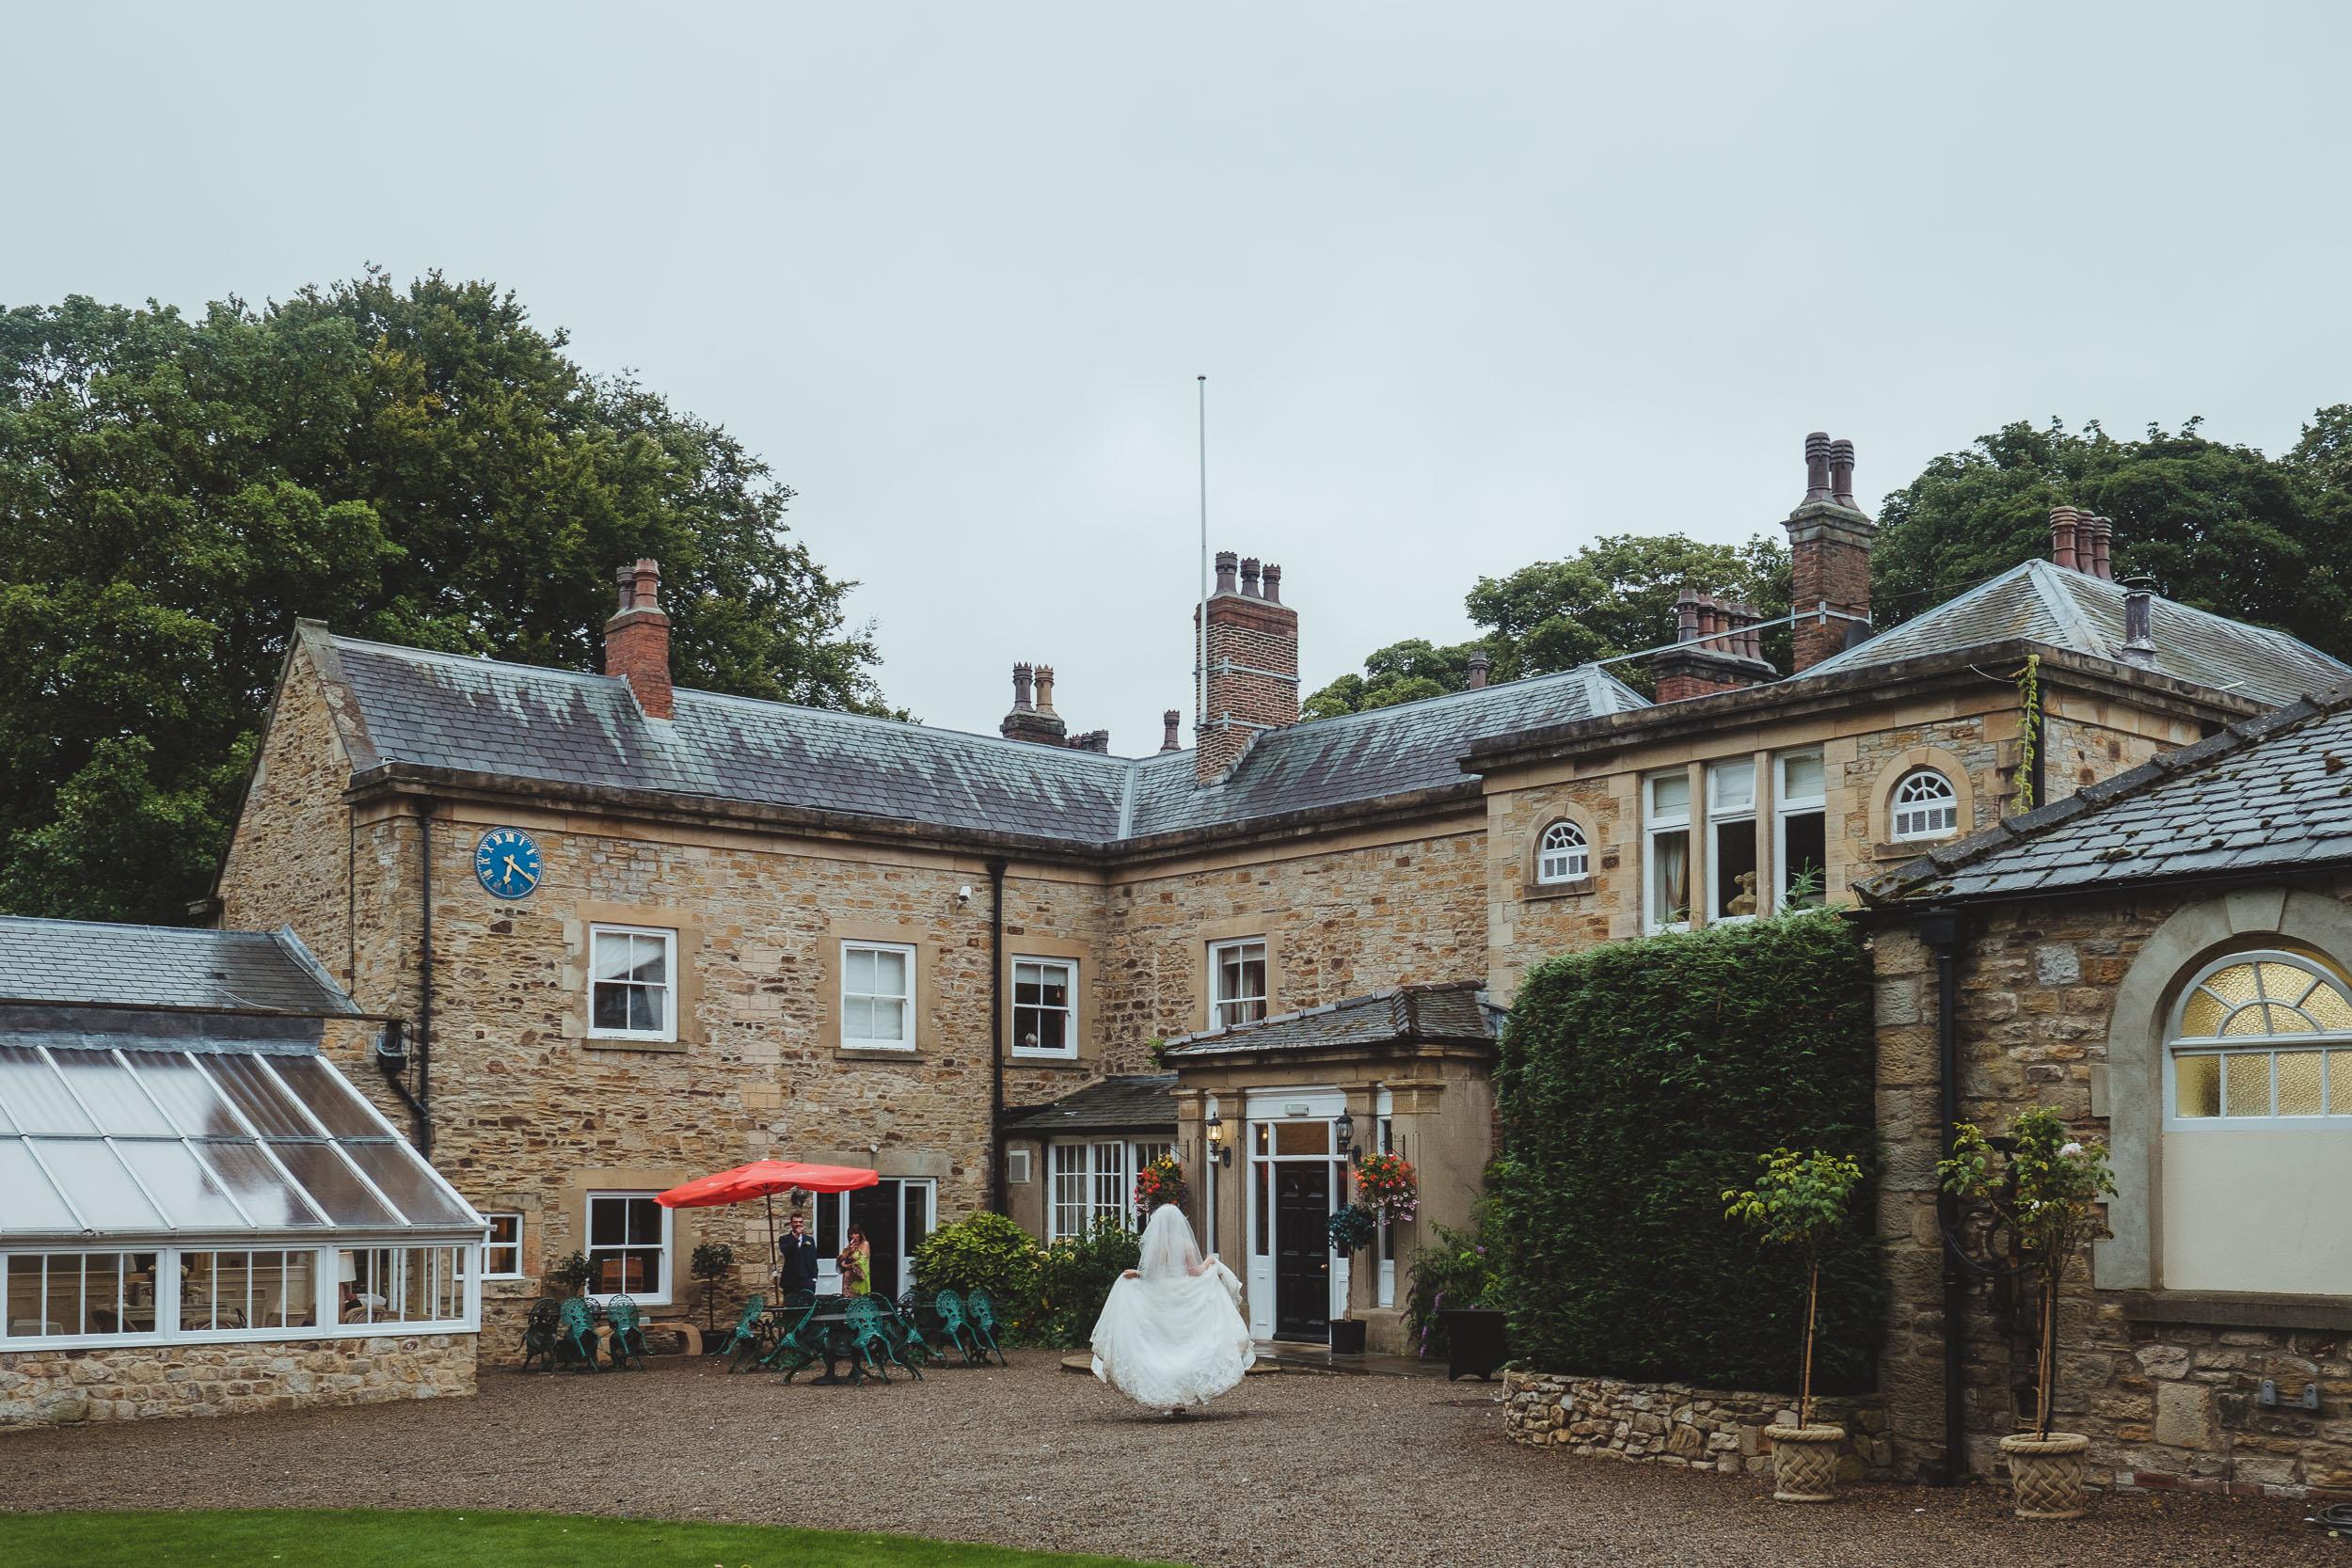 Whitworth Hall Durham wedding venue on a rainy day